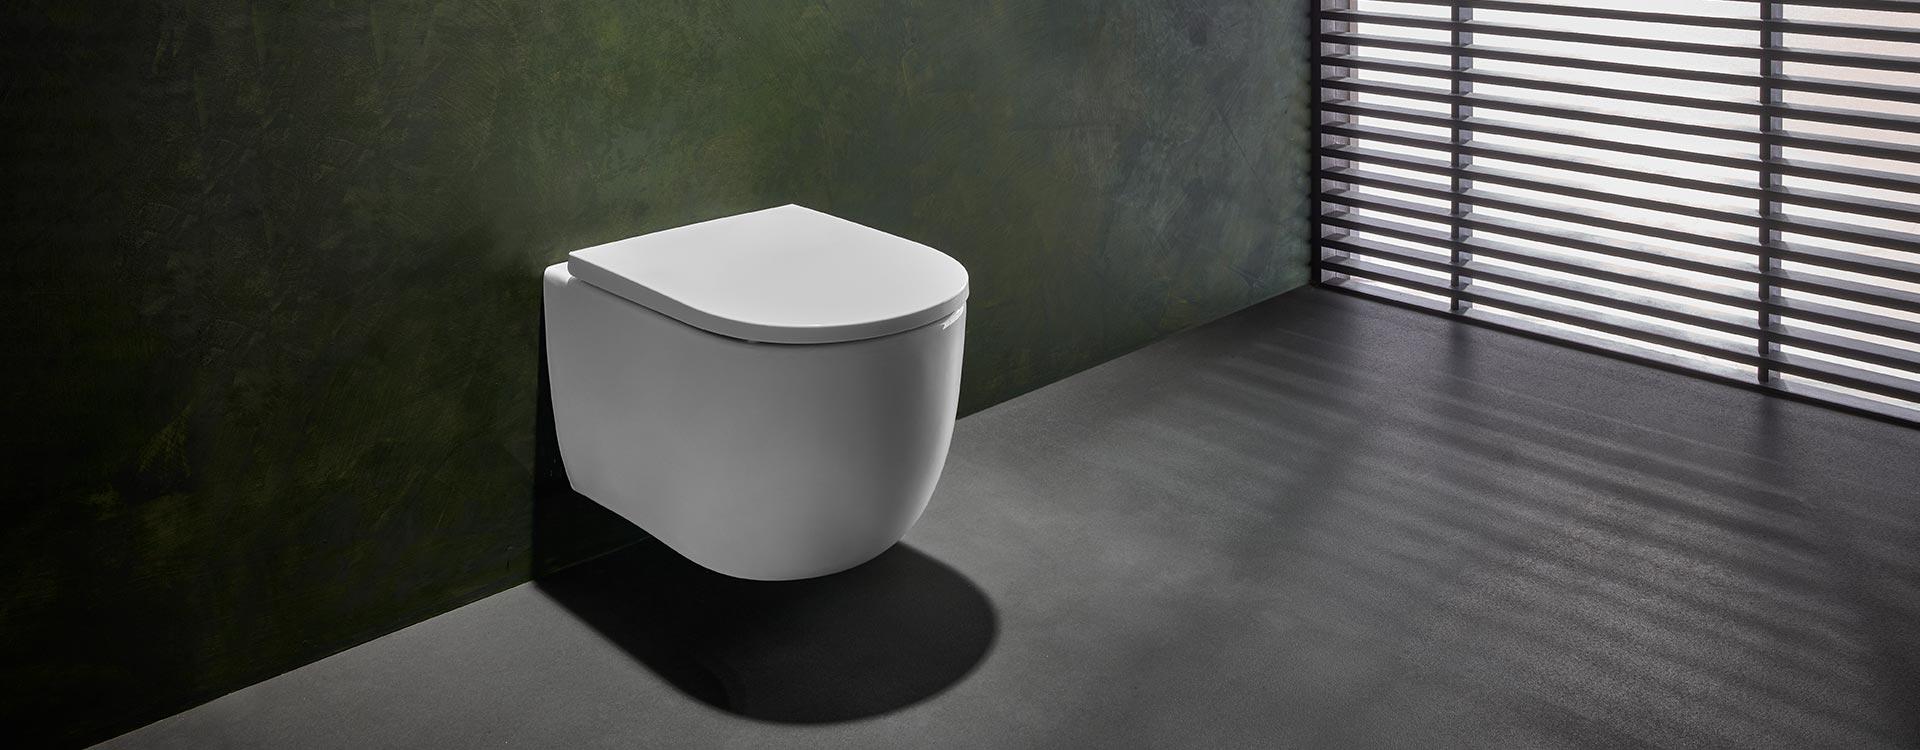 AXENT.ONE C toilet rimfree